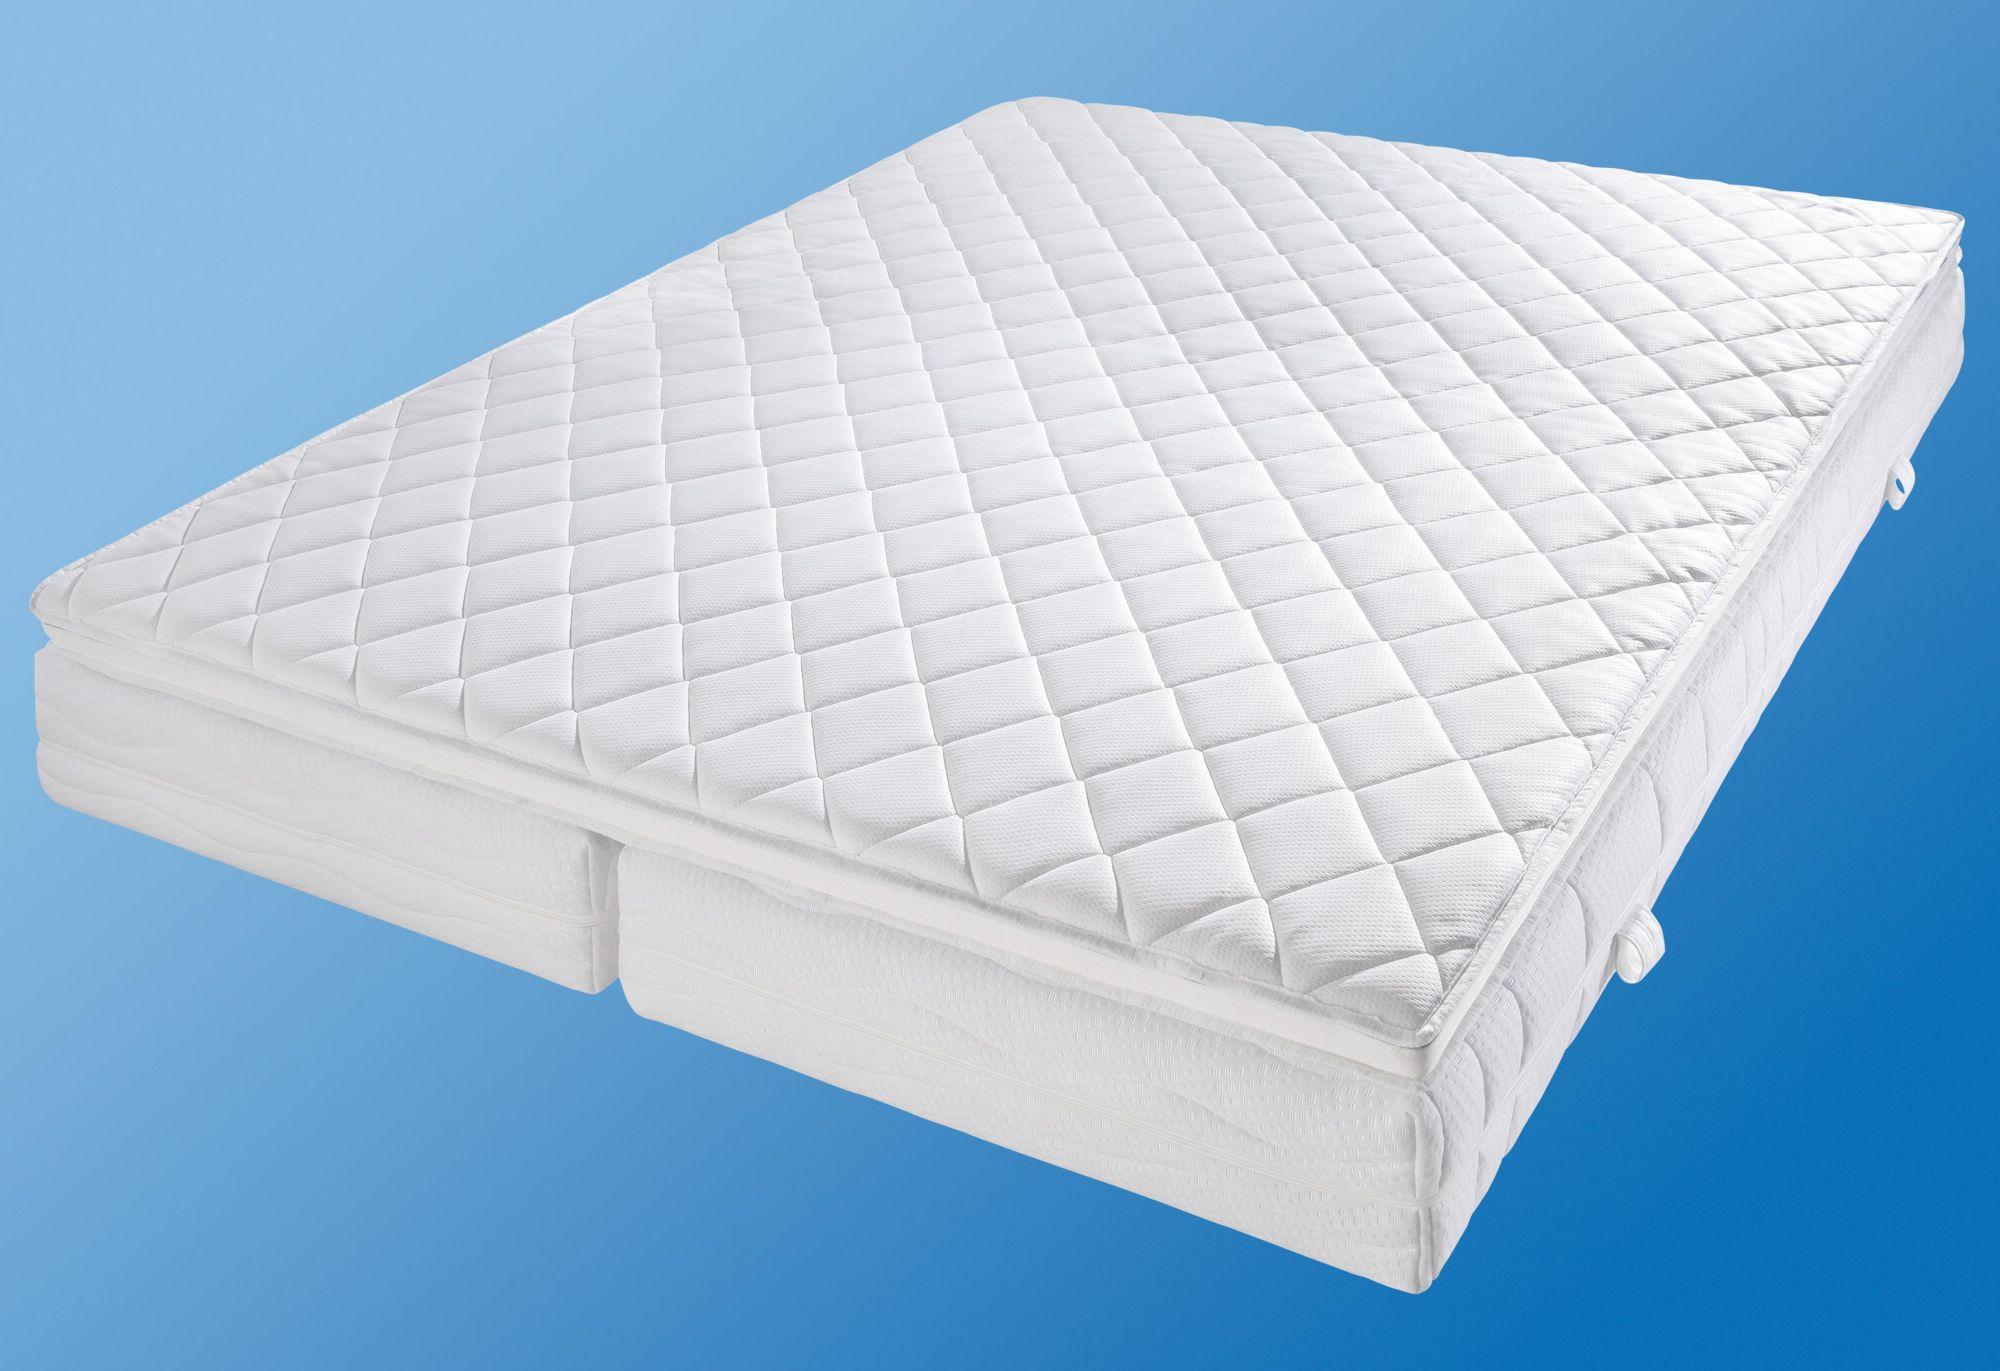 BECO Komfortschaum-Topper, »Komfort Plus«, BeCo, die Aufwertung für ihre Matratze bekannt aus der TV-Werbung